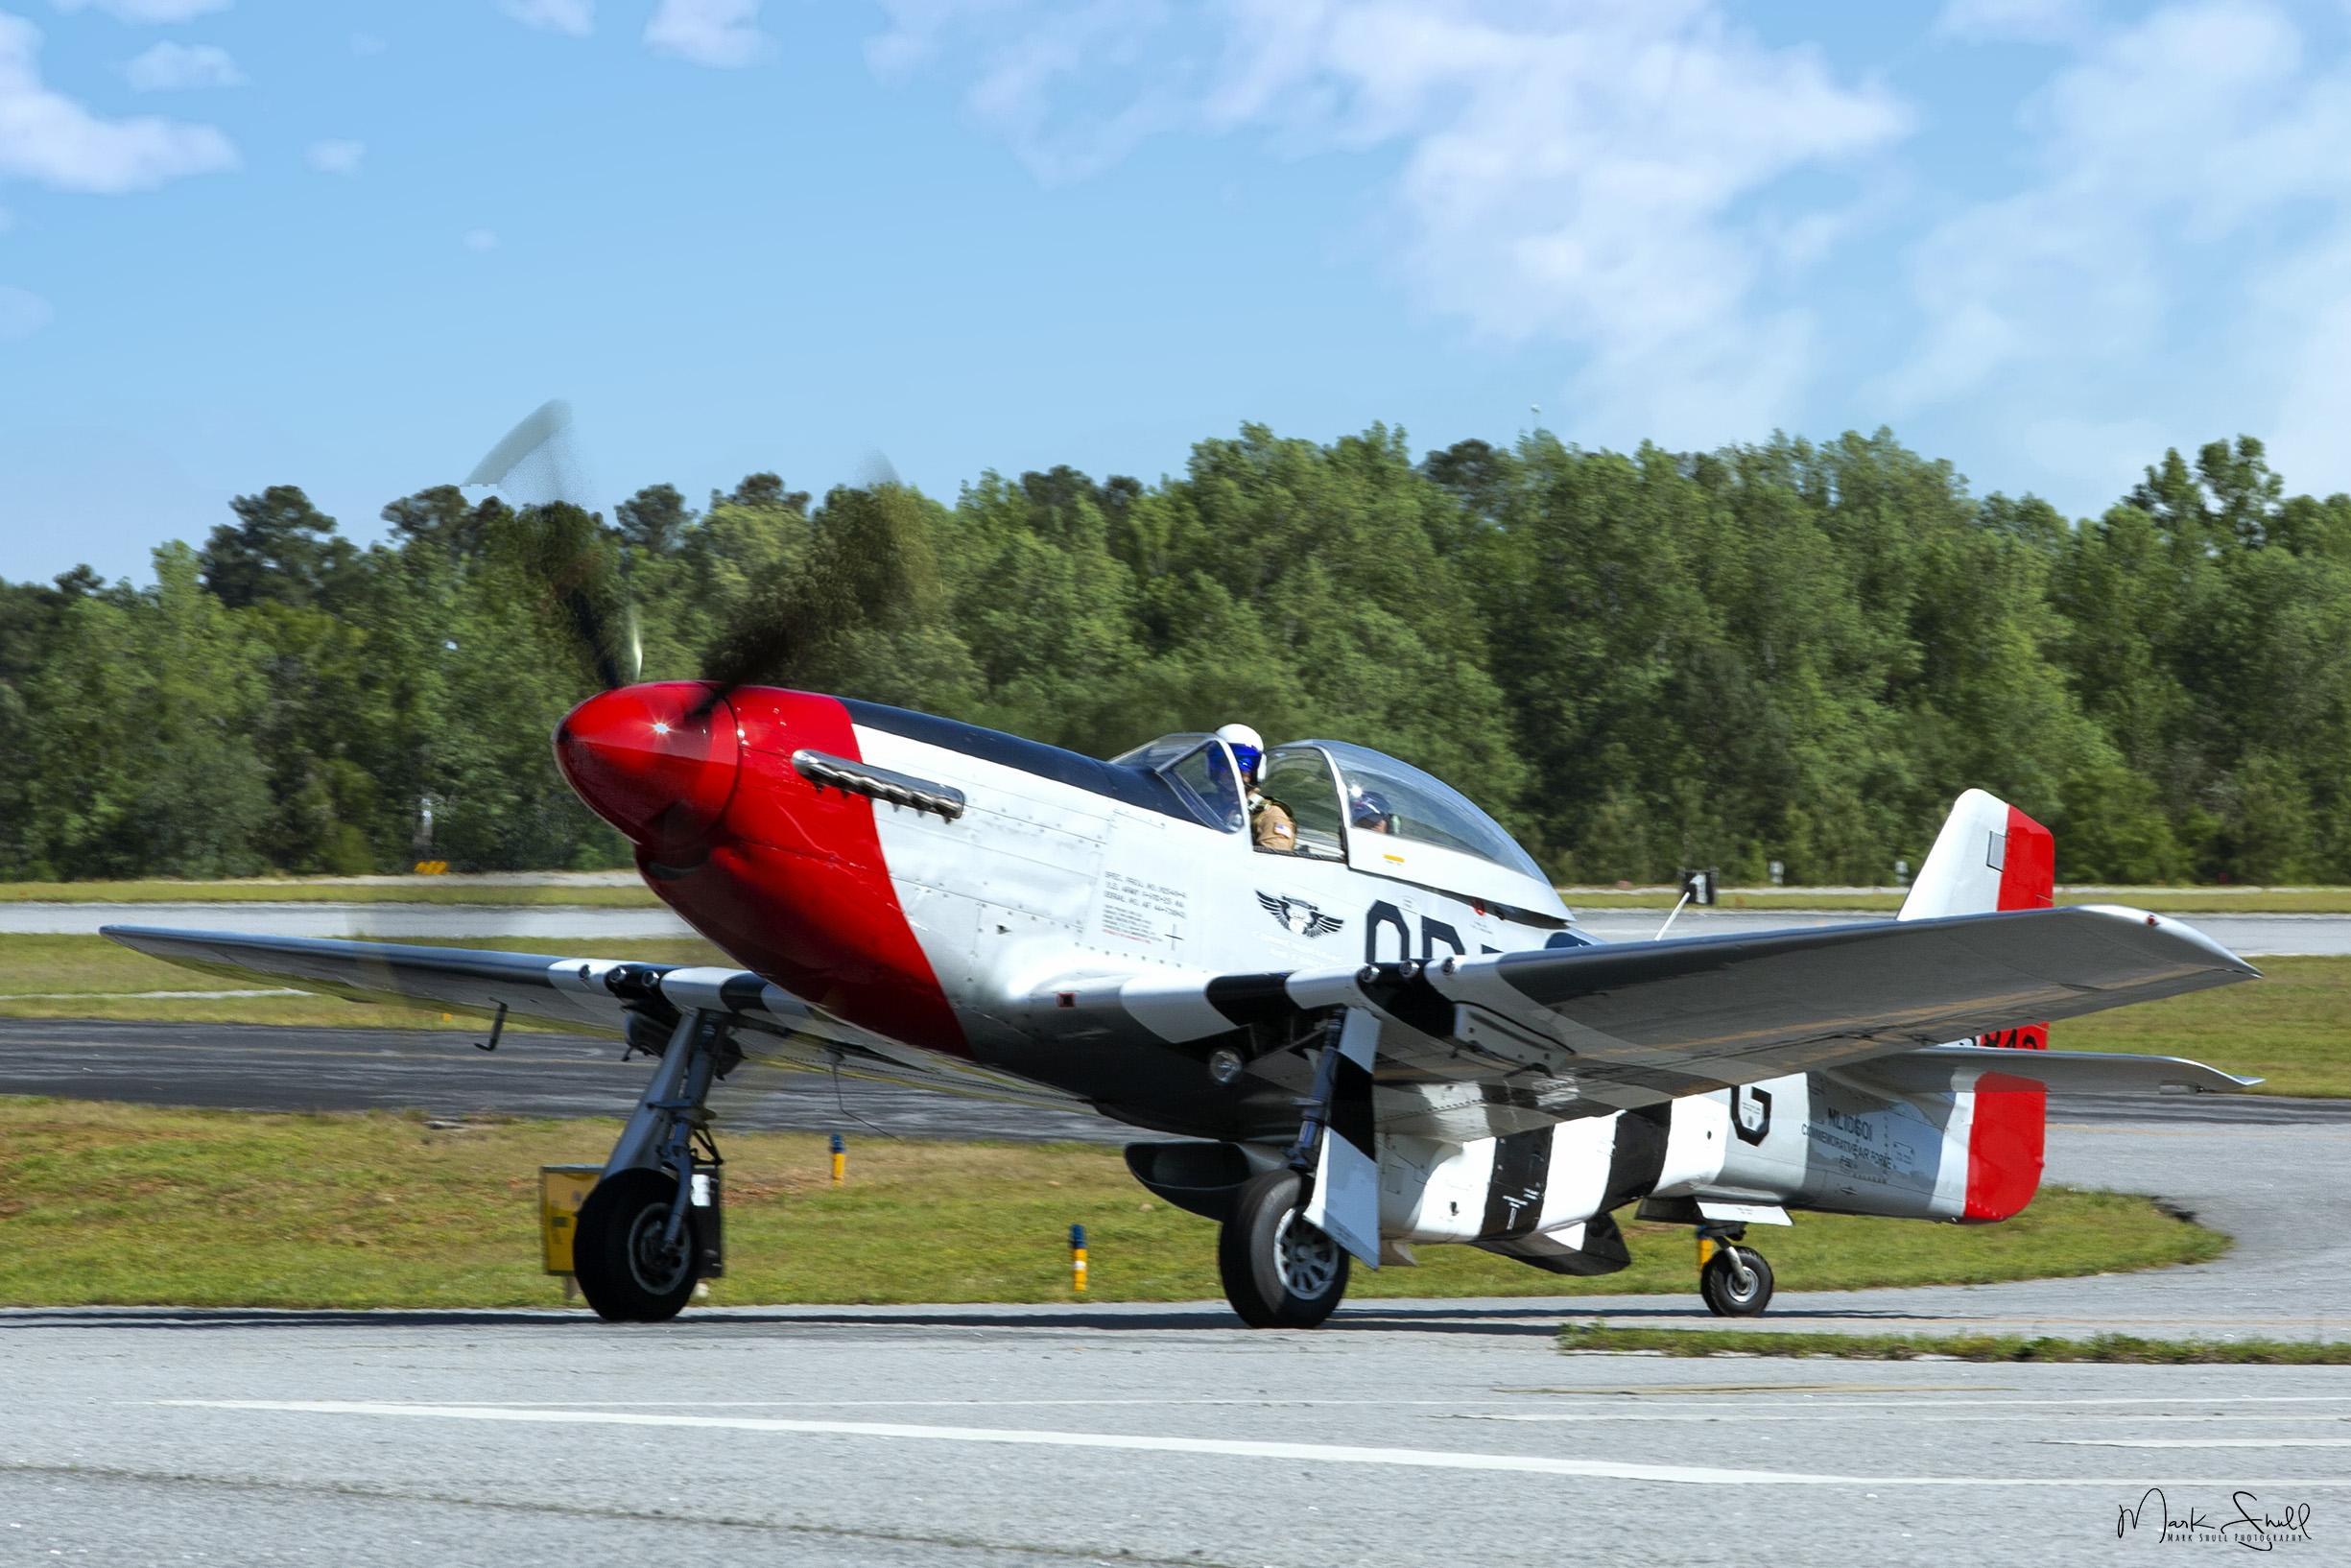 P-51 Mustang midday landing